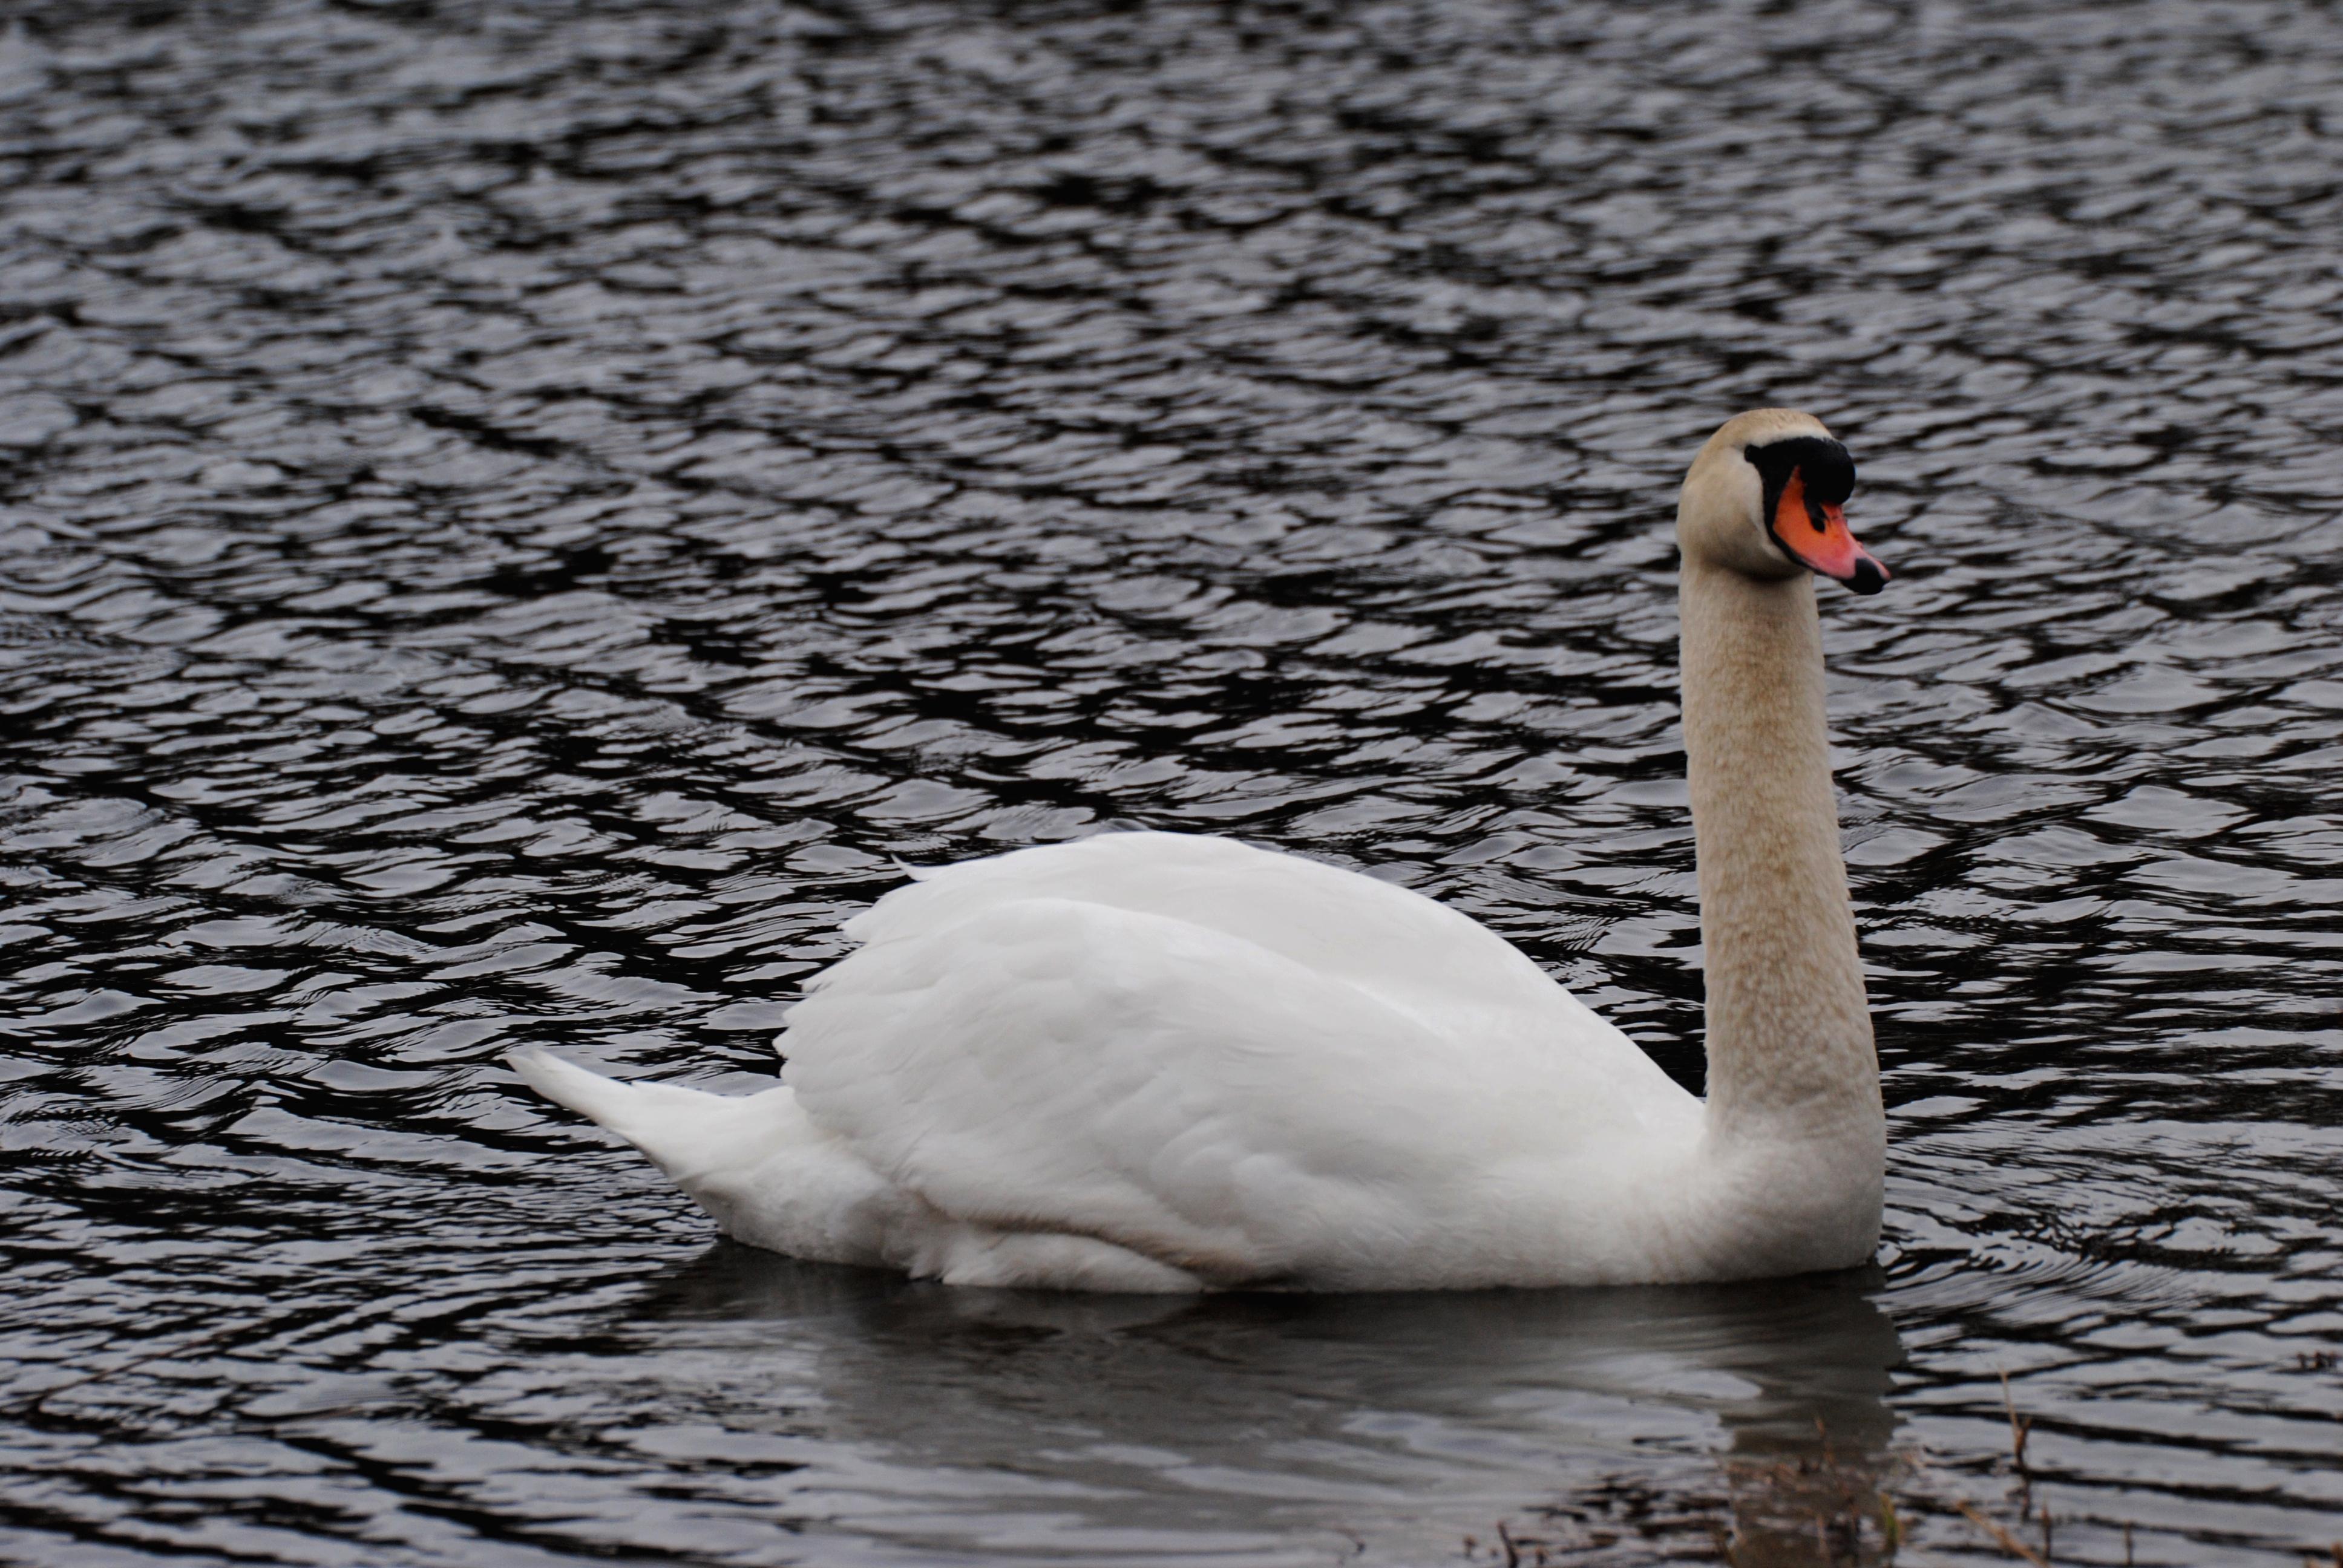 Mute swan photo